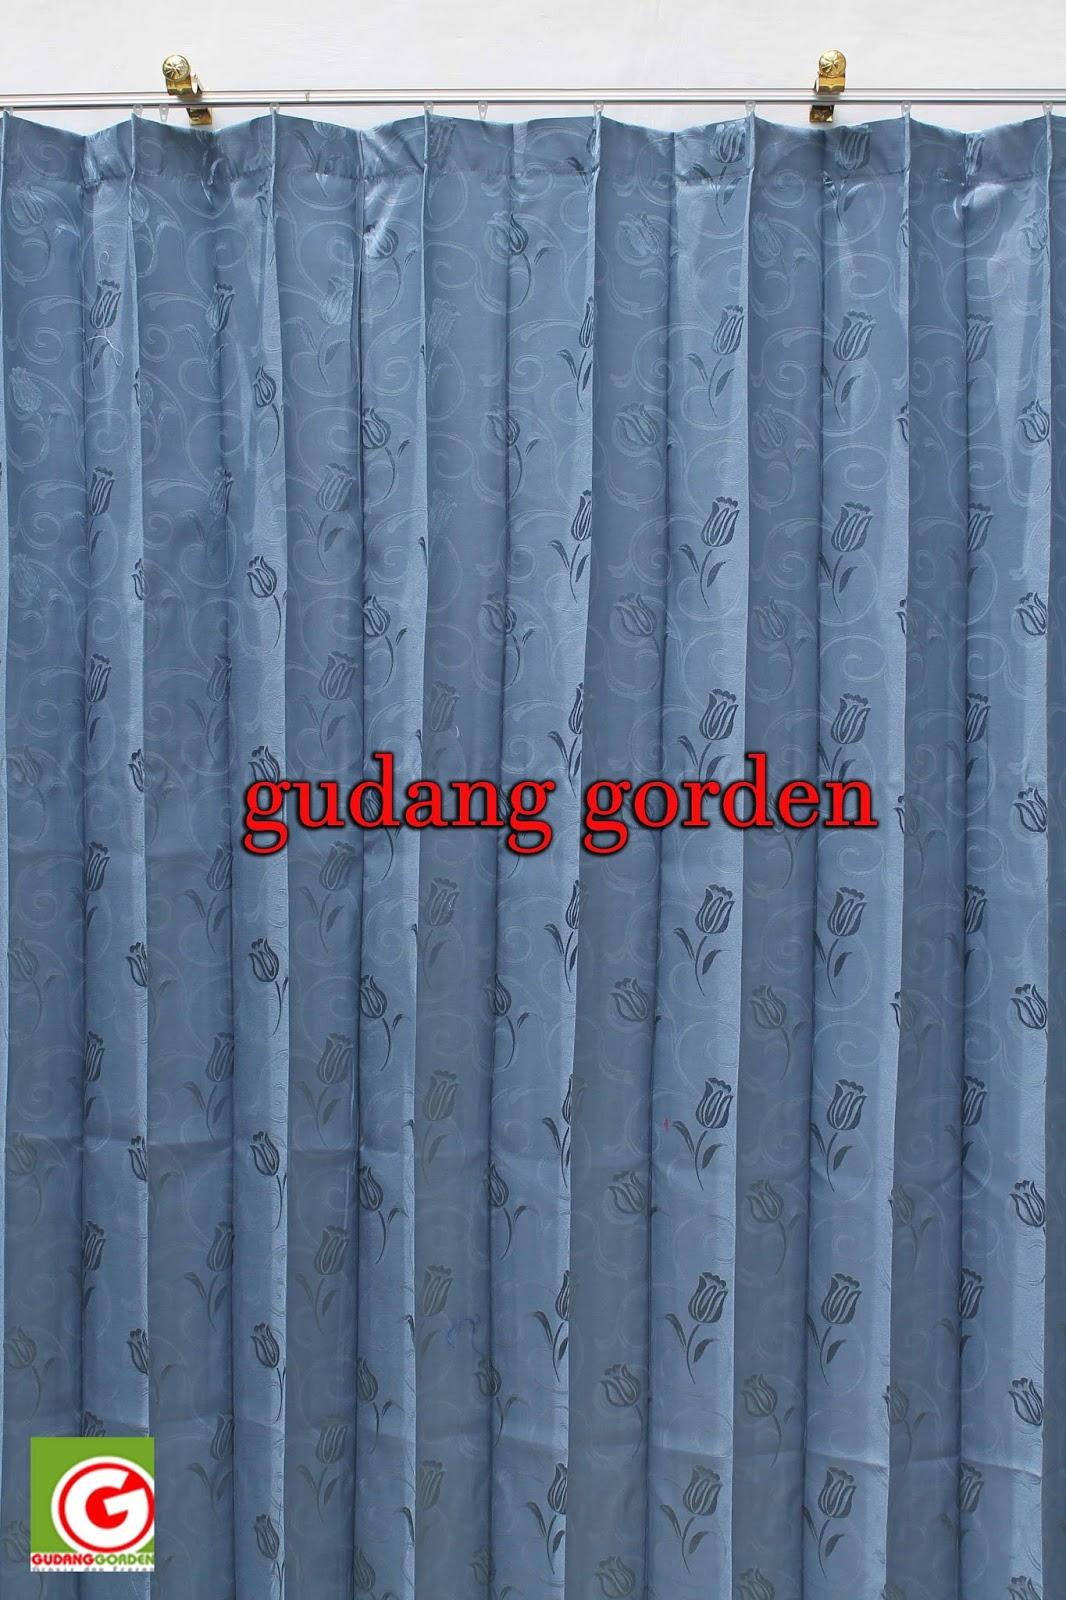 Unduh 7100 Koleksi Gambar Gorden Smokering Terbaru Gratis